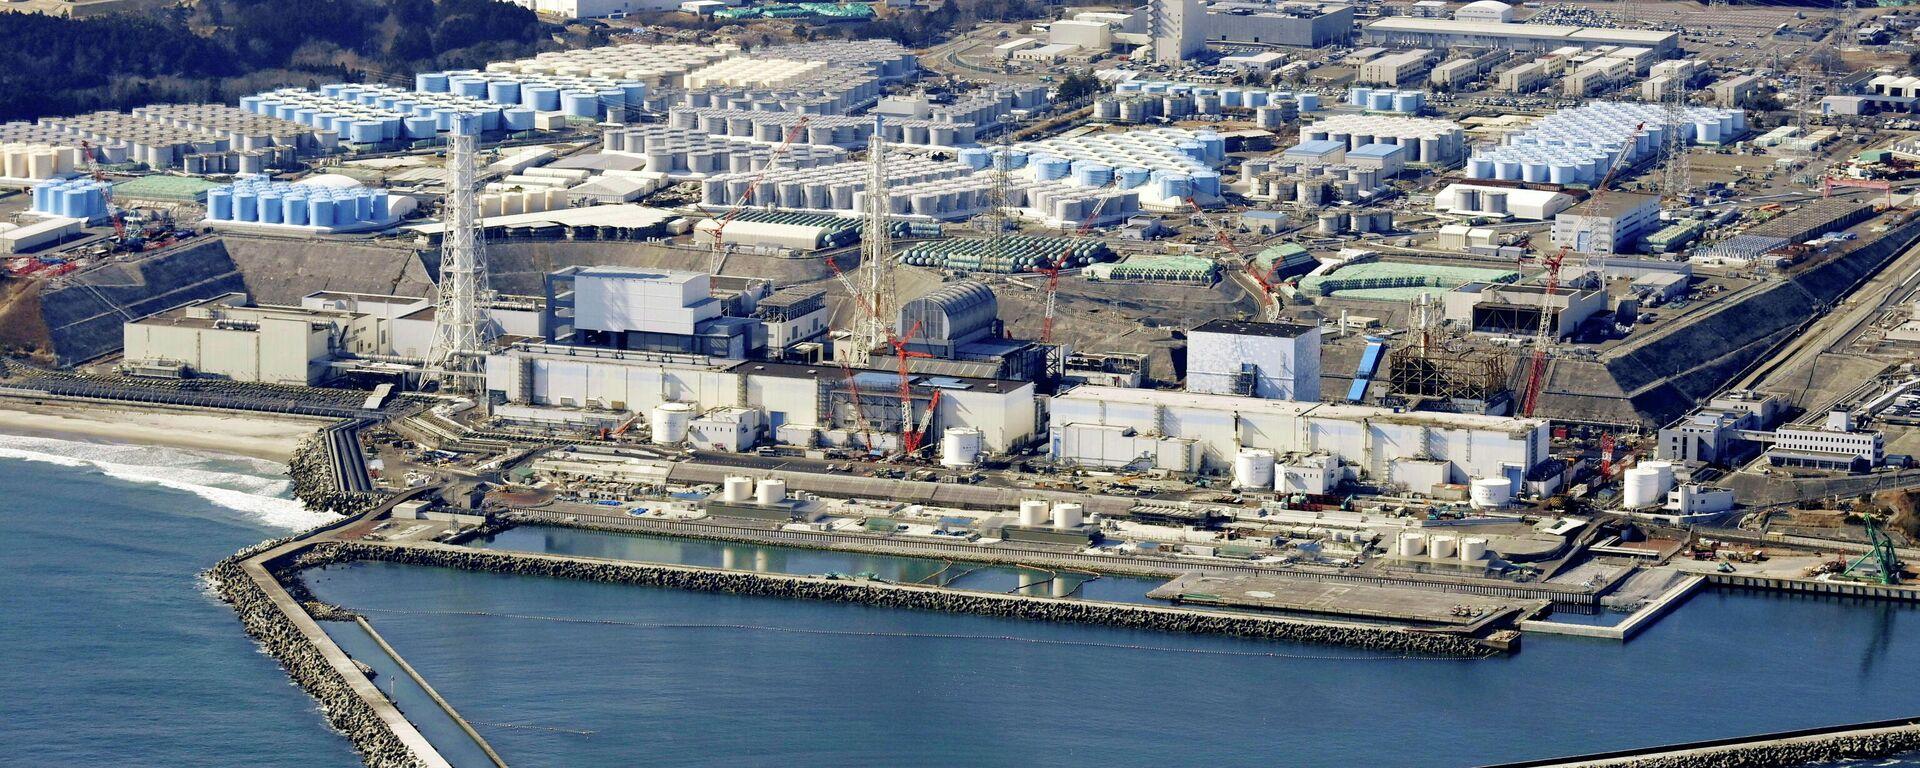 Территория атомной электростанции Фукусима в Японии с резервуарами для воды - Sputnik Таджикистан, 1920, 27.06.2021